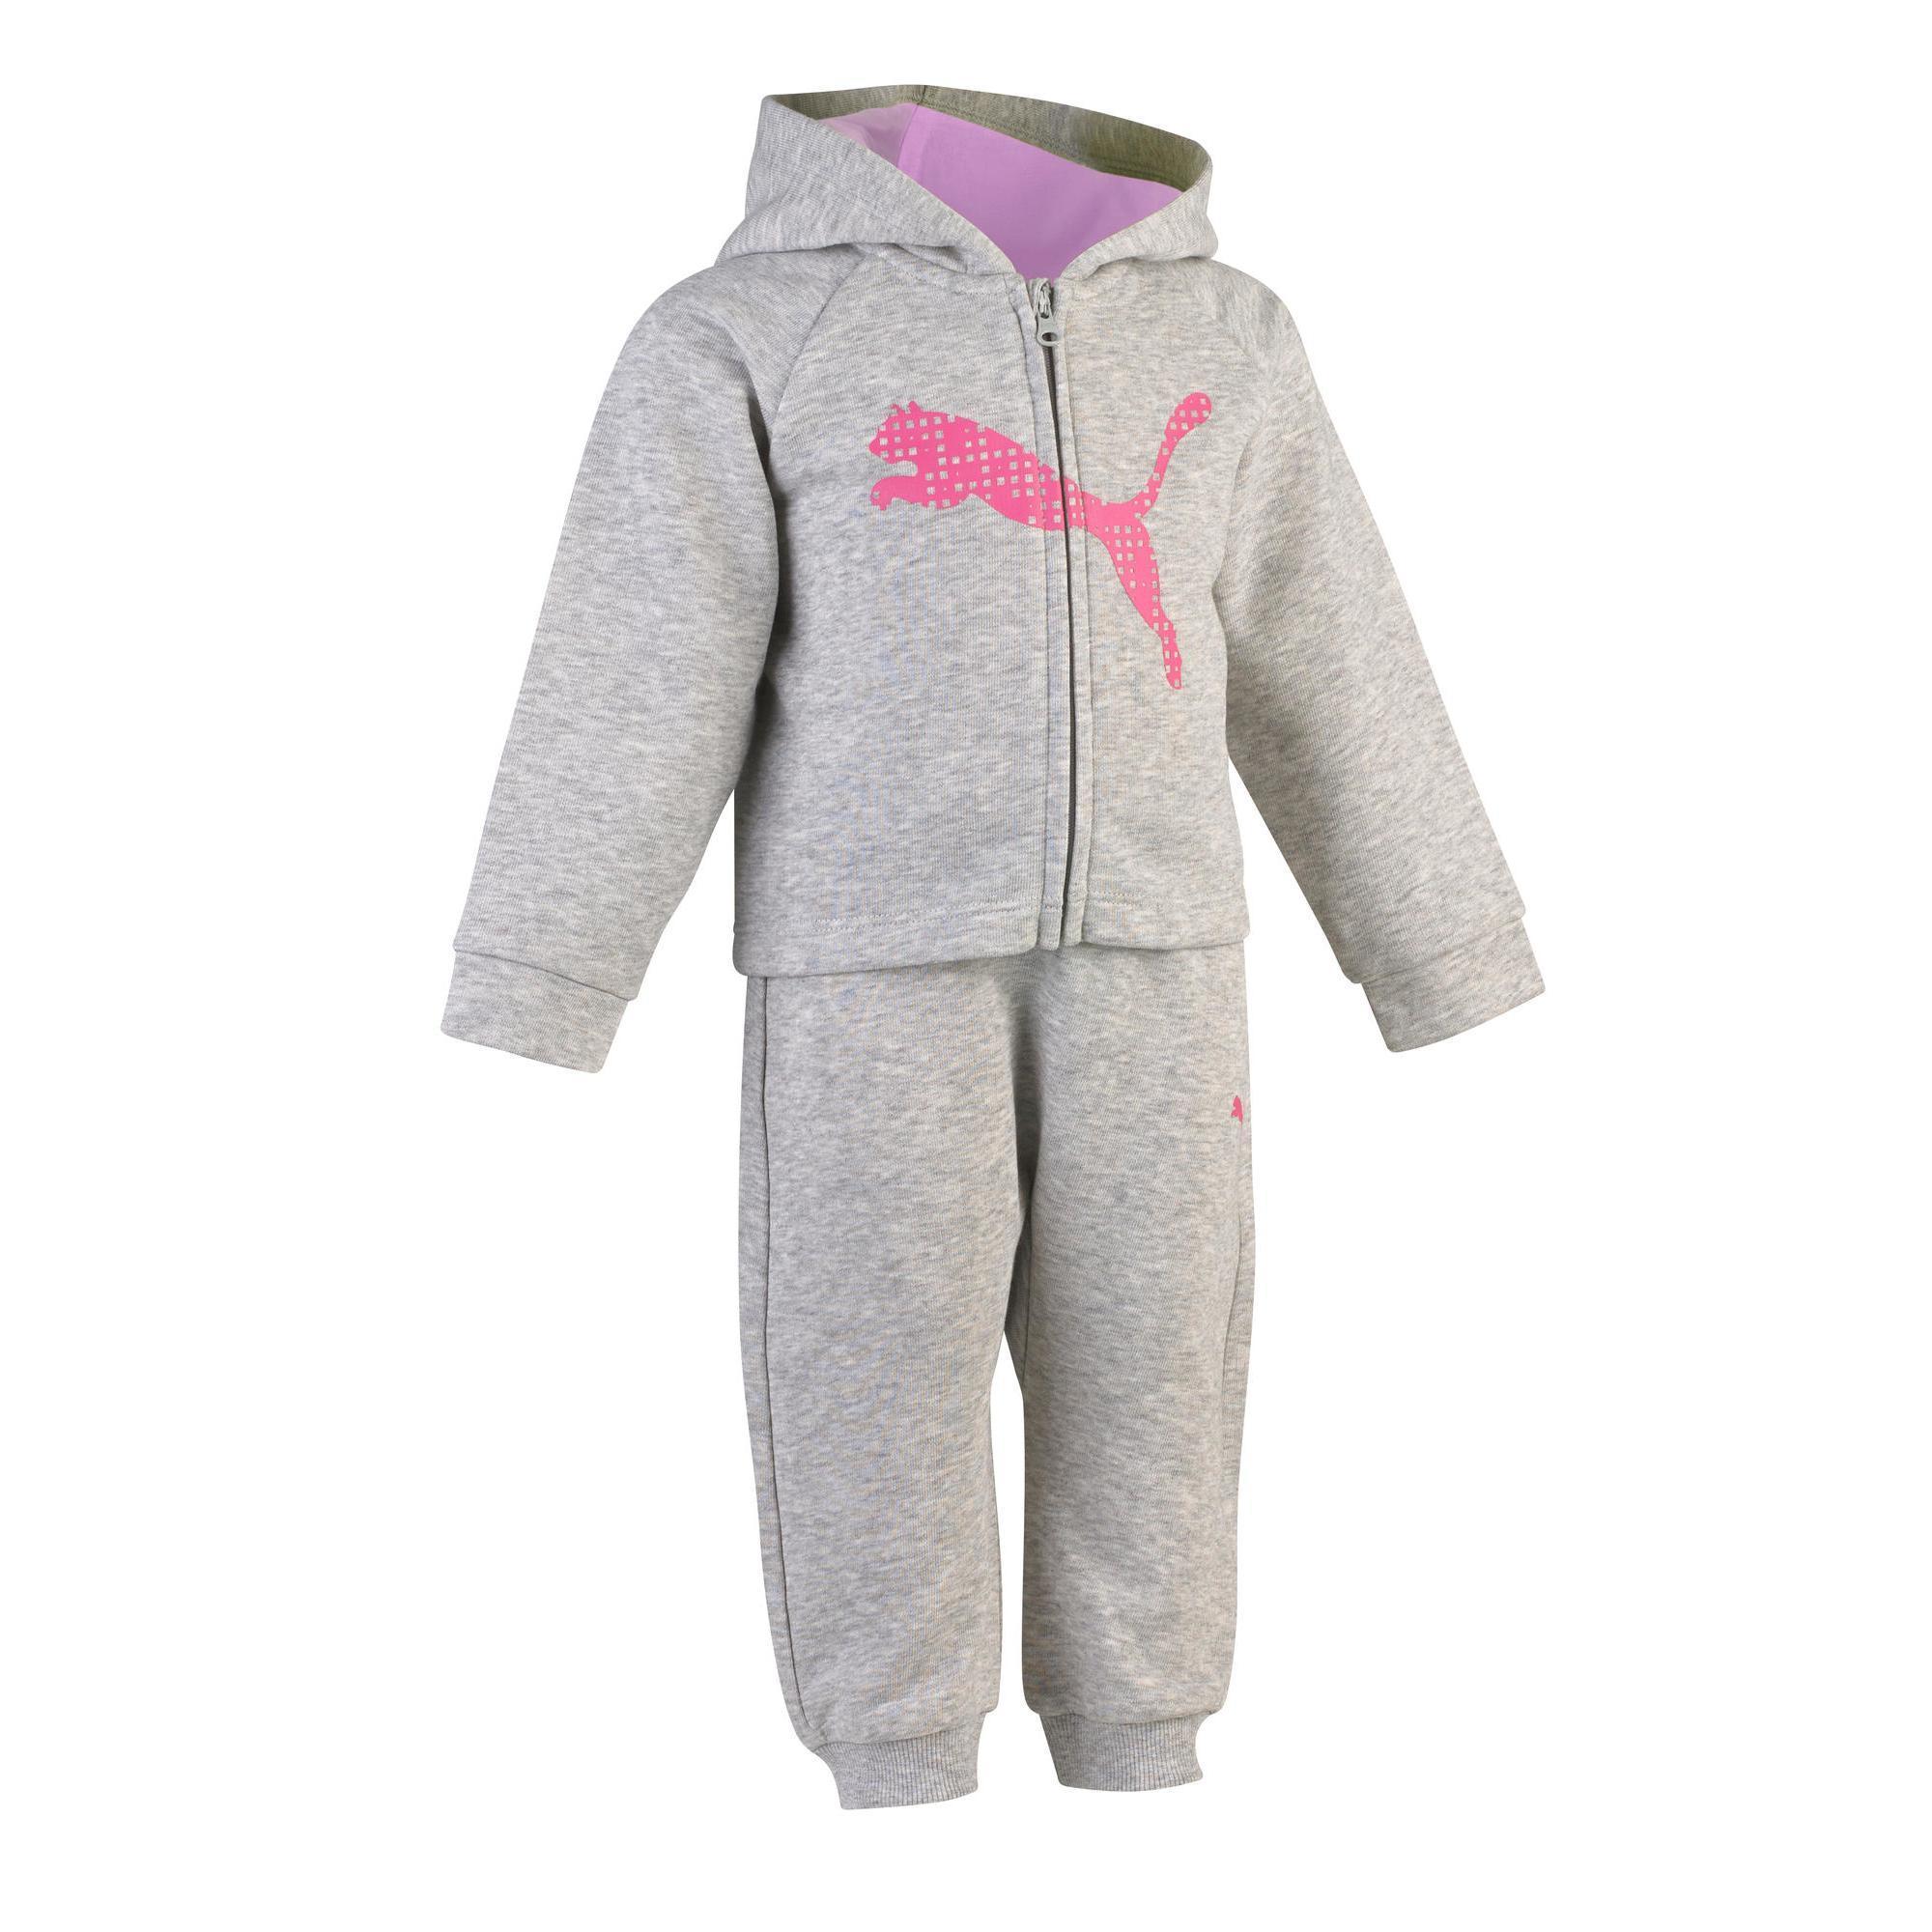 ebb148c9c Comprar Chándales para Niños y Bebés Online